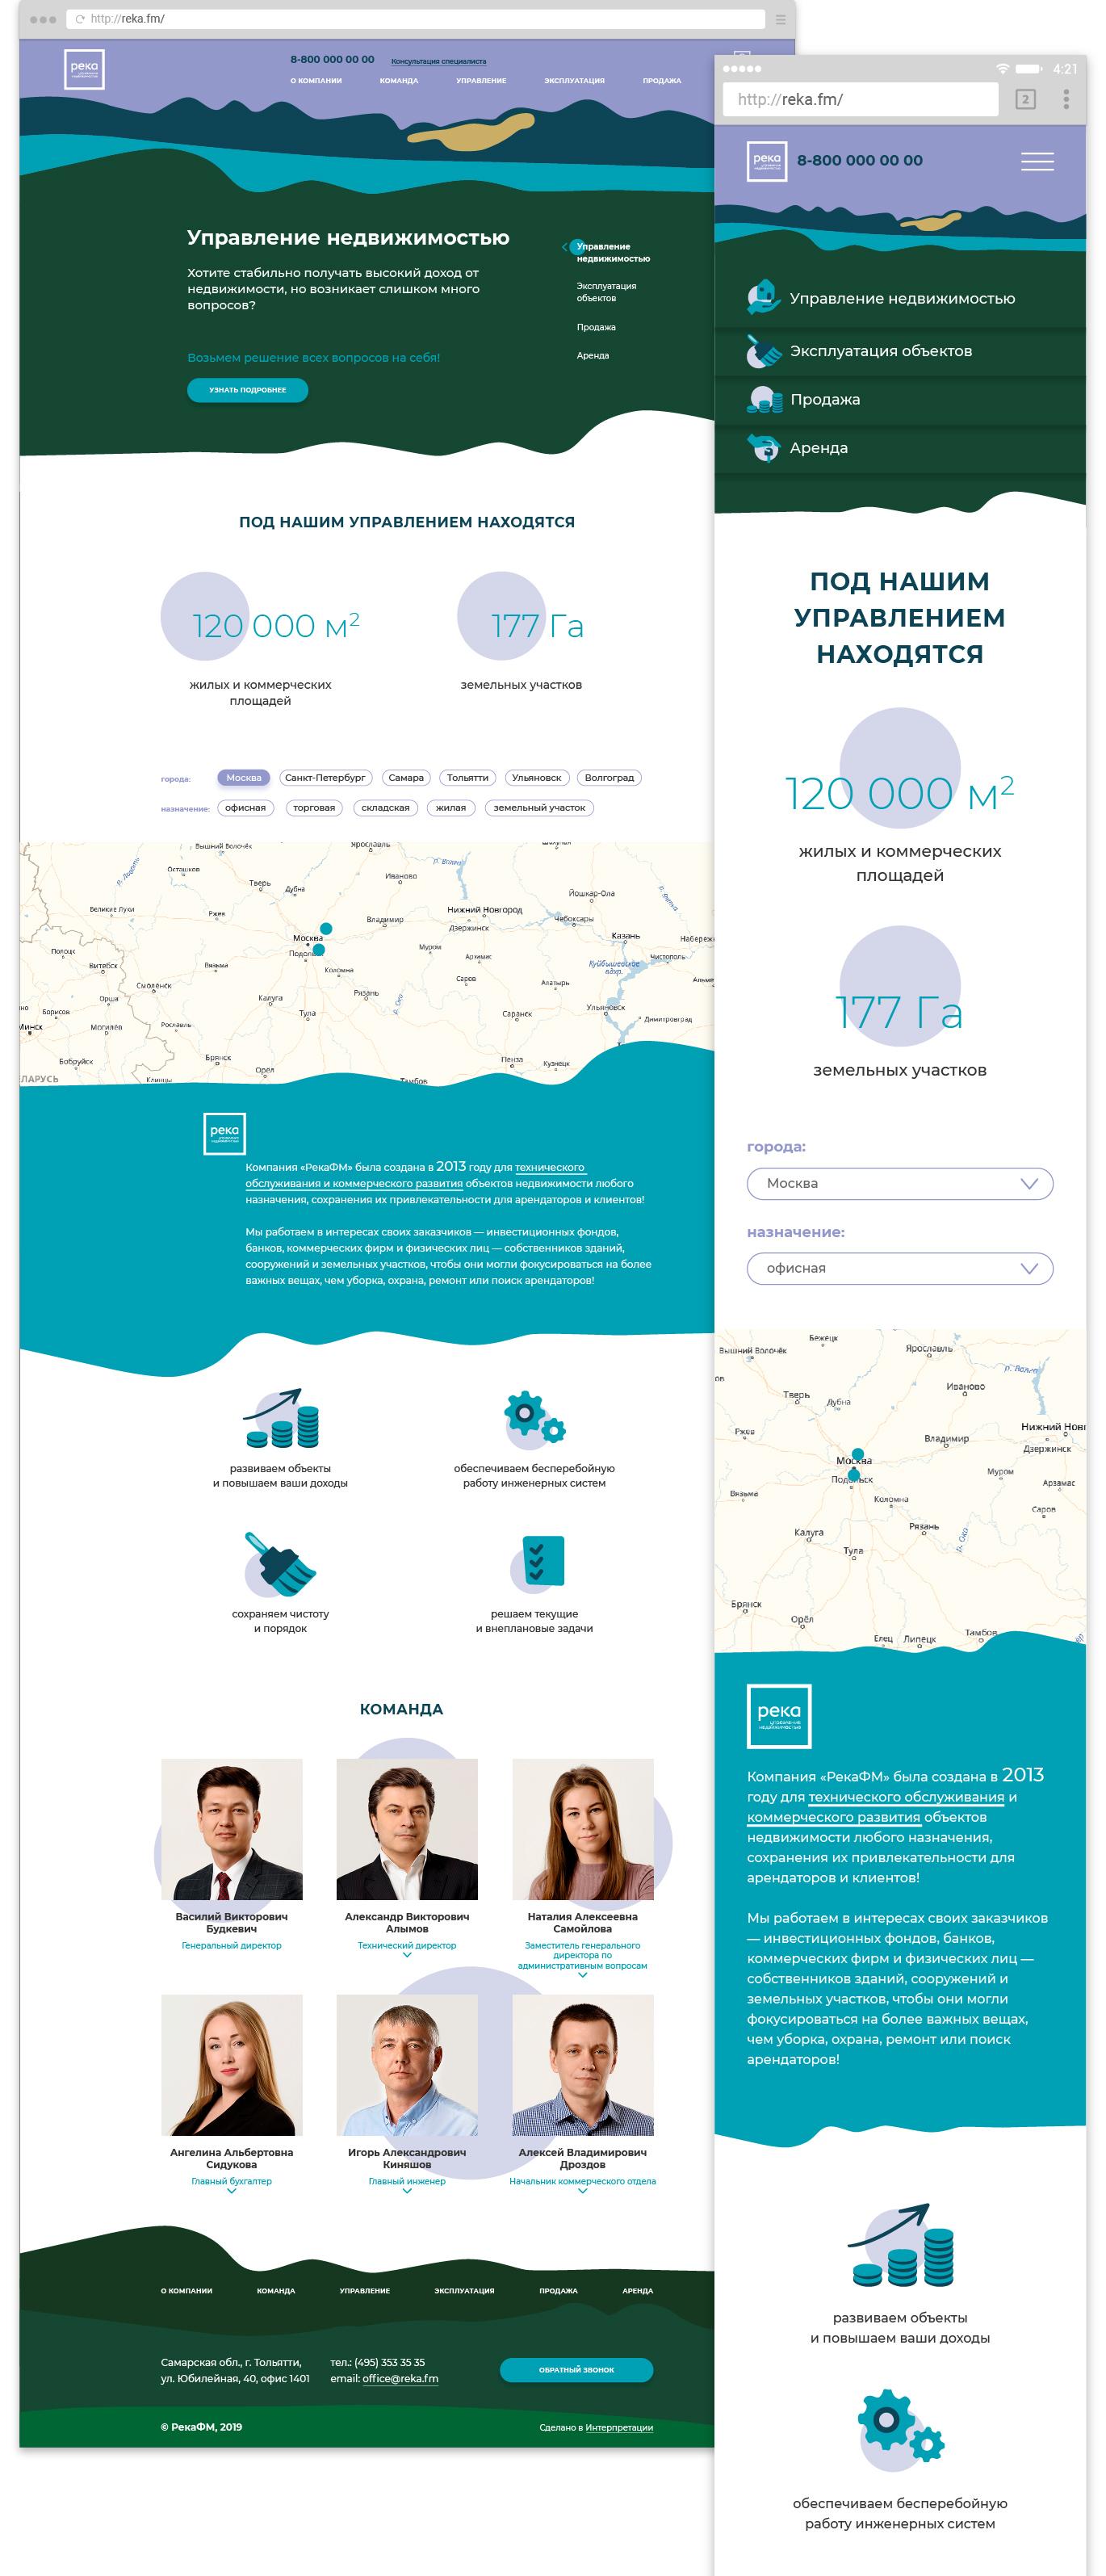 Главная страница сайта — десктоп и мобильная версия.